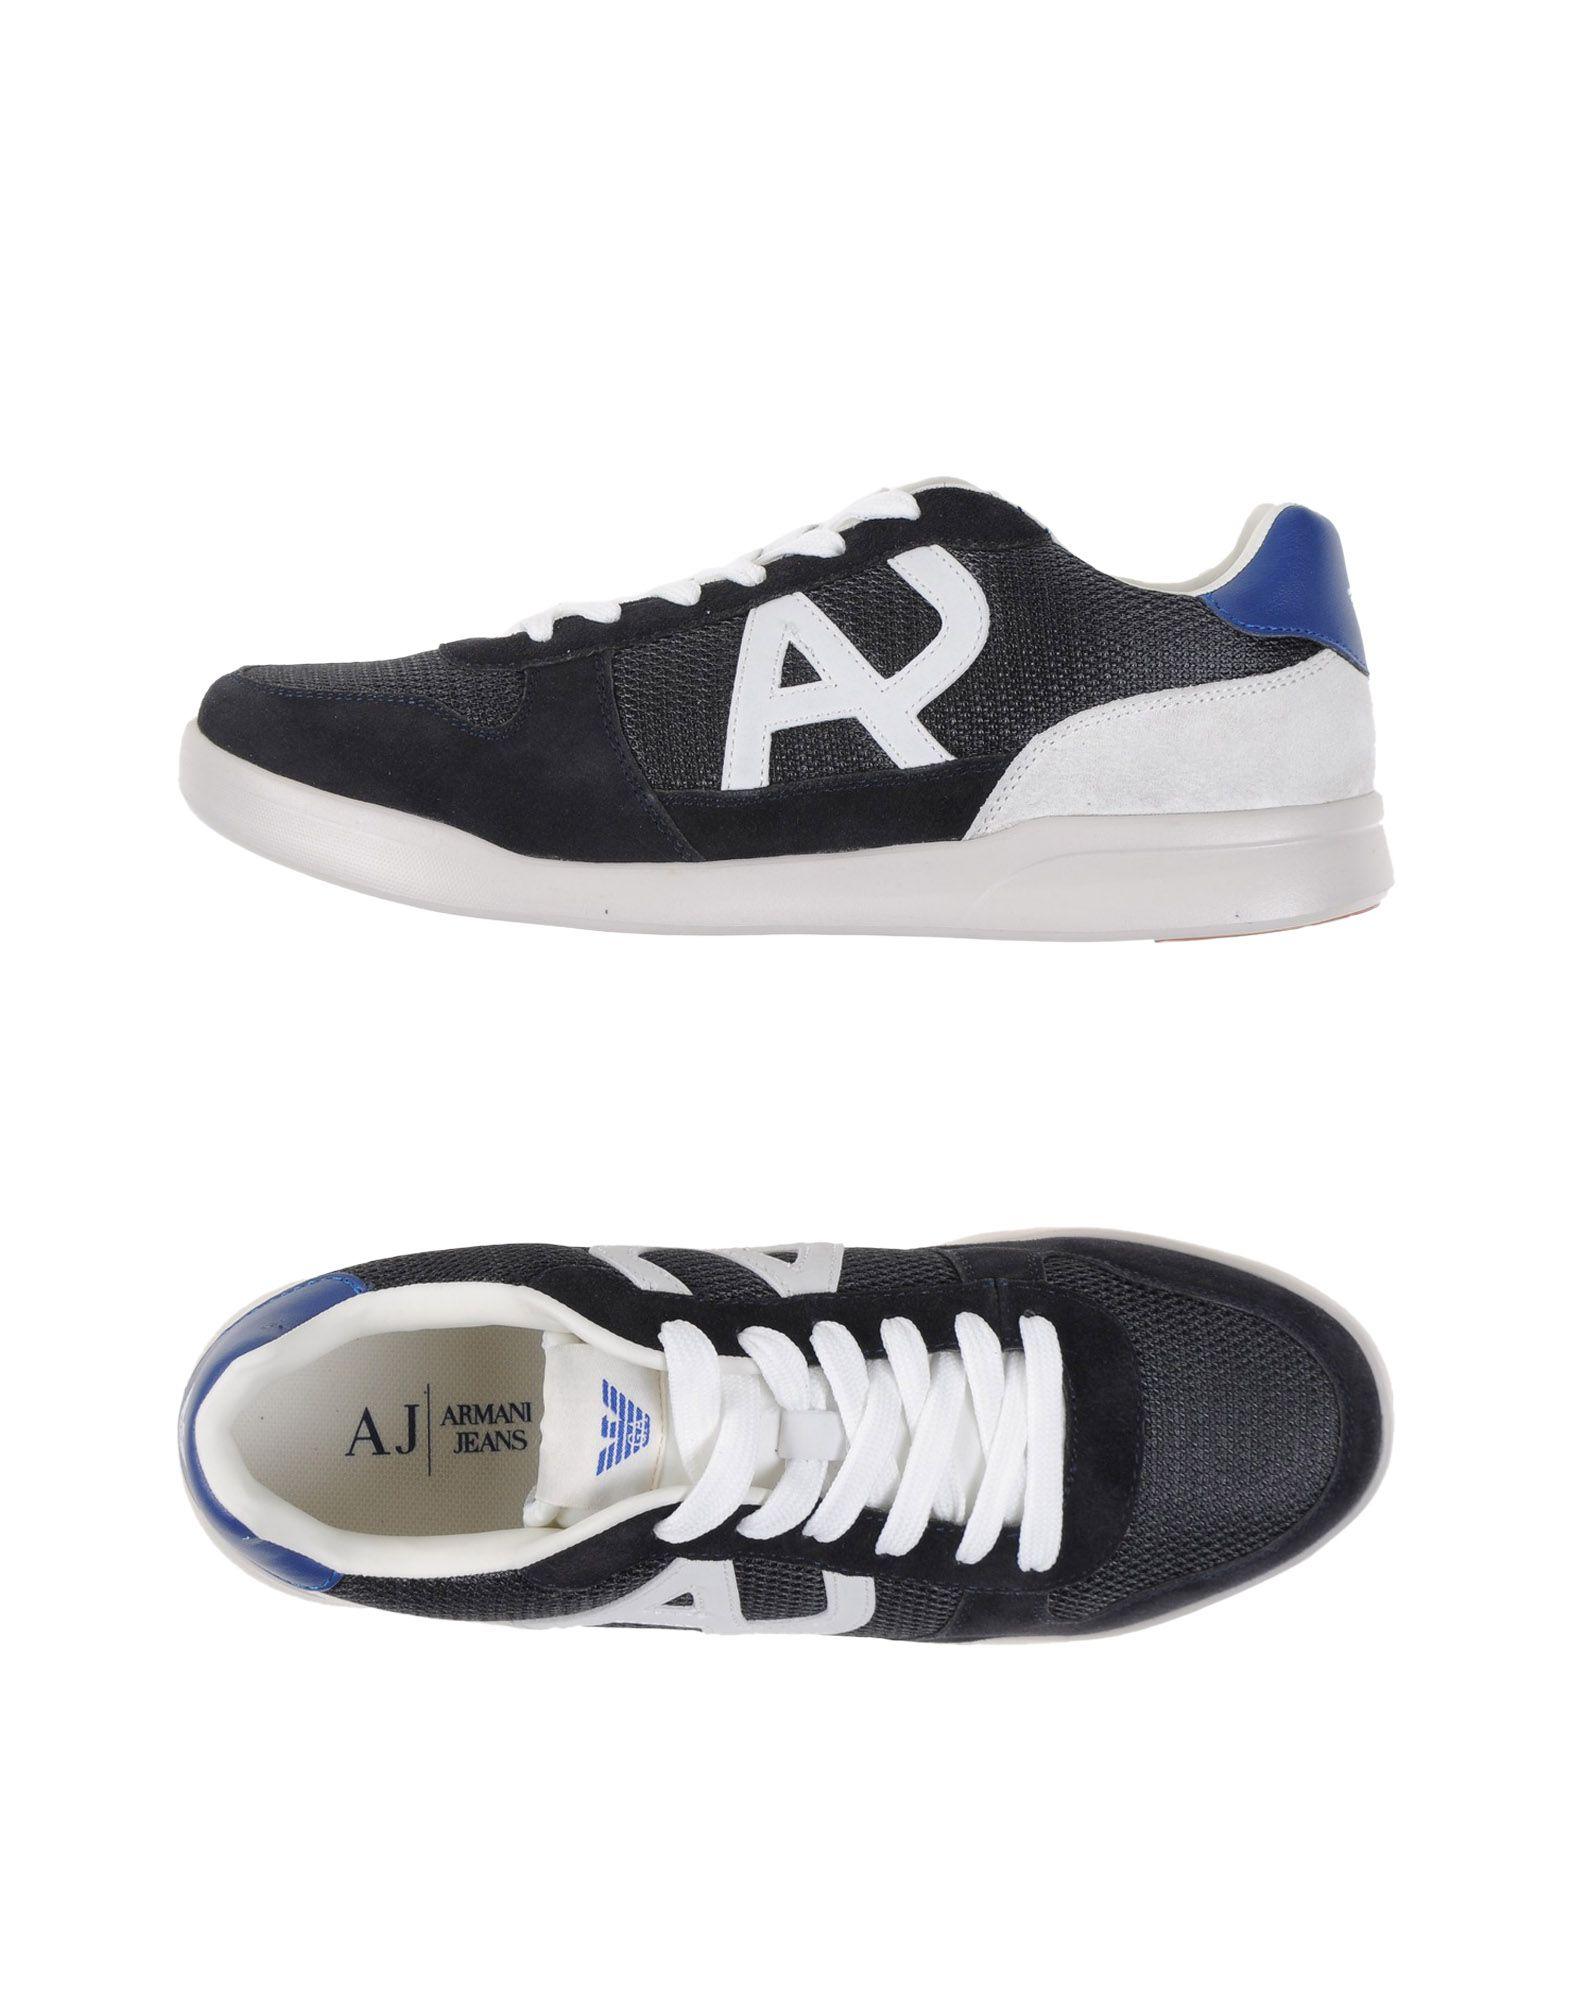 Armani Armani Armani Jeans Sneakers Herren  11093975II 7c0401